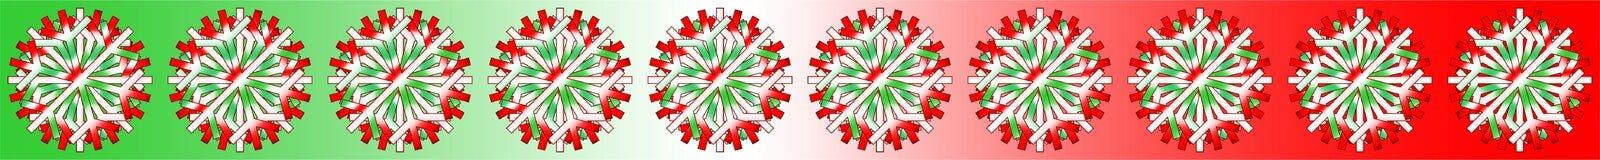 Vector witte rode groene die Kerstmis speelt achtergrond met kleuren mee door de Italiaanse vlag, als bar, banner, grens, enz. wo royalty-vrije stock foto